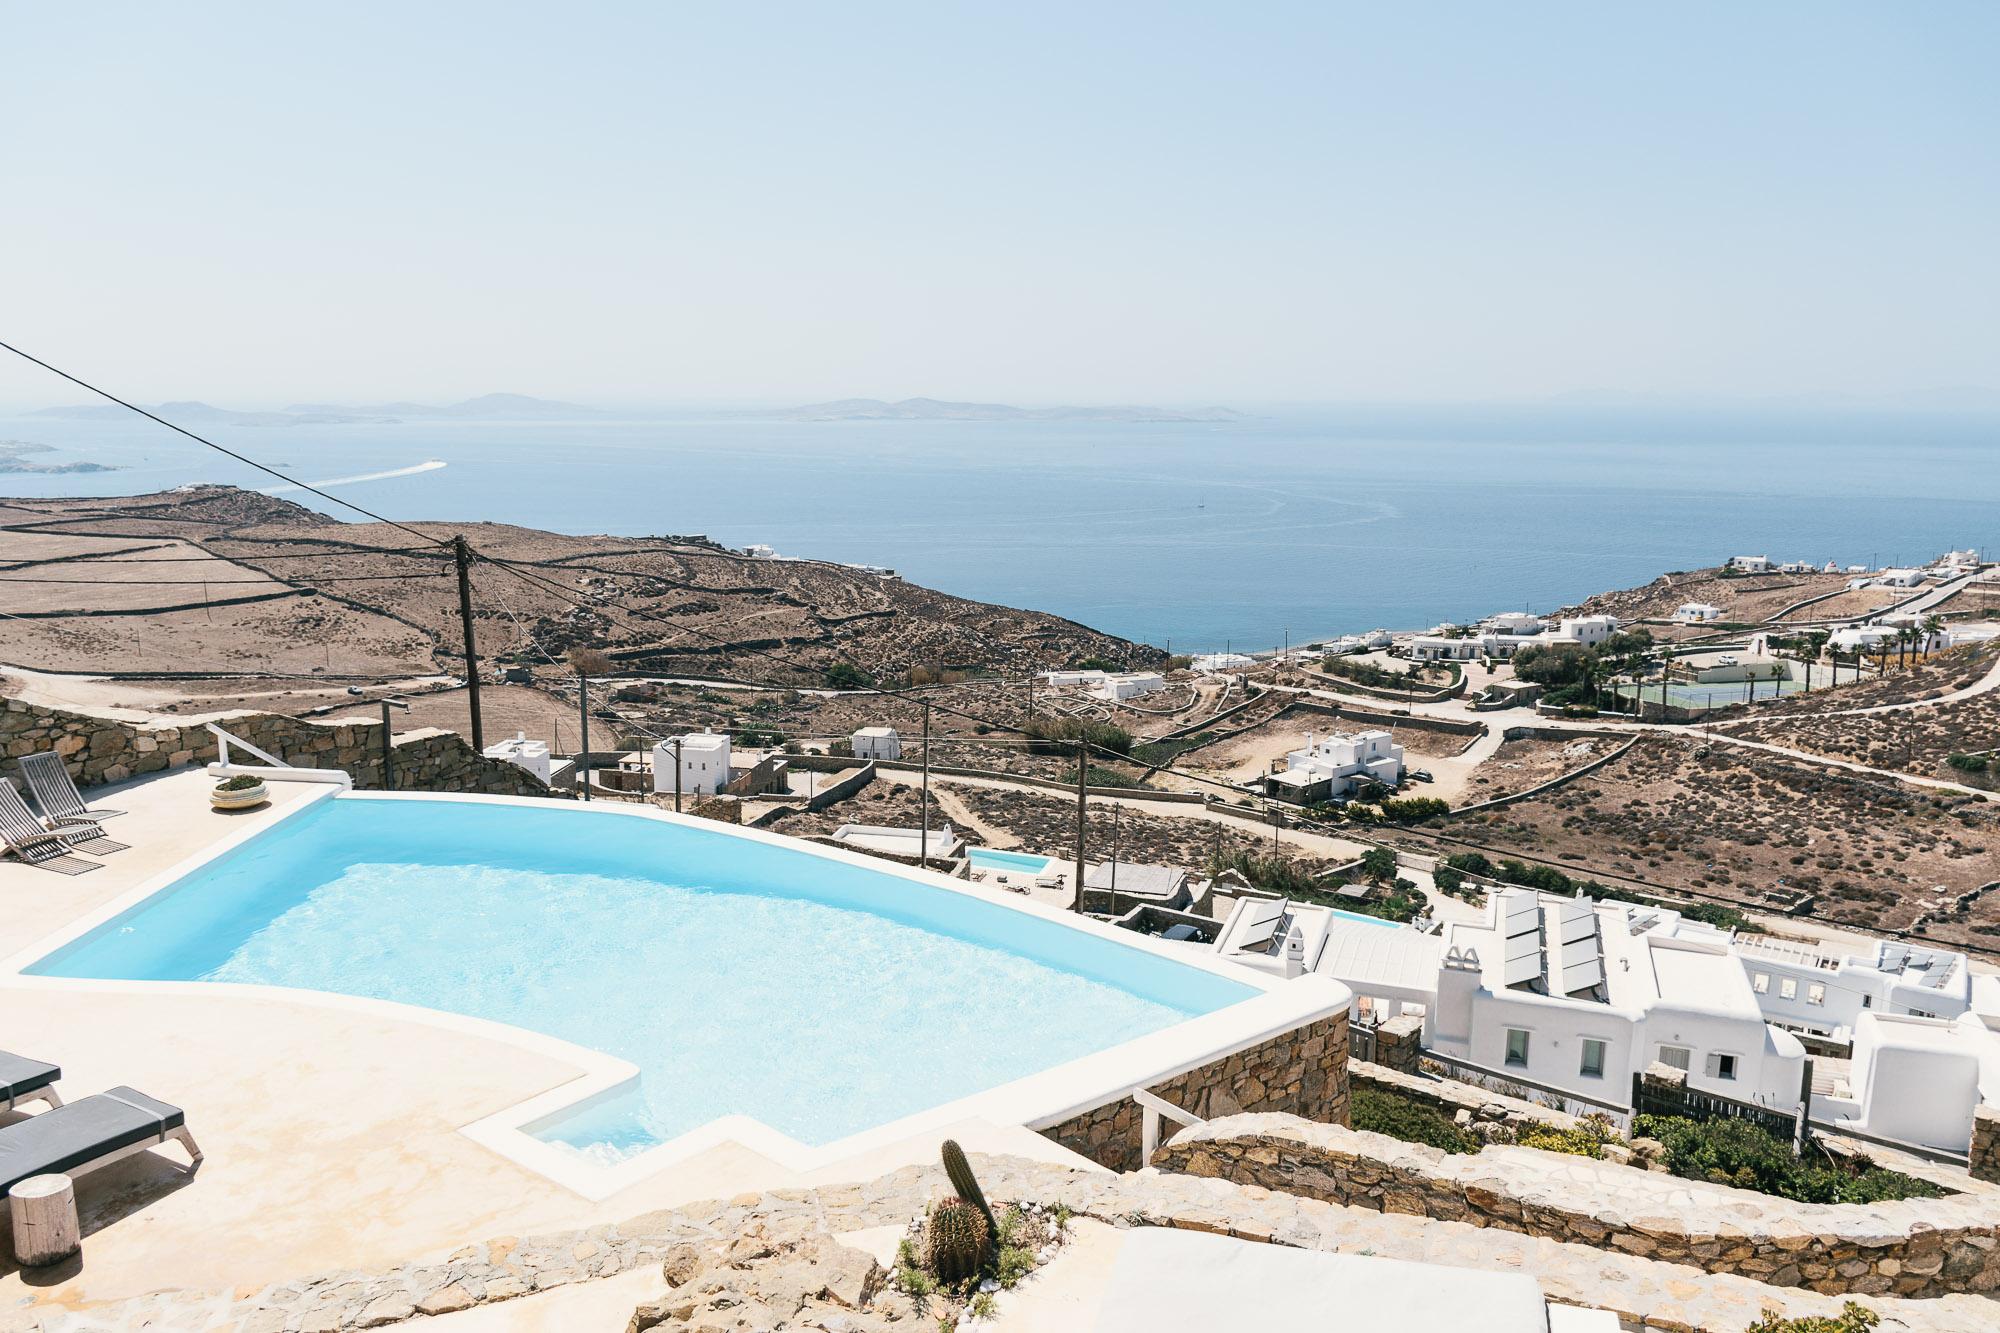 mermaid luxury villas